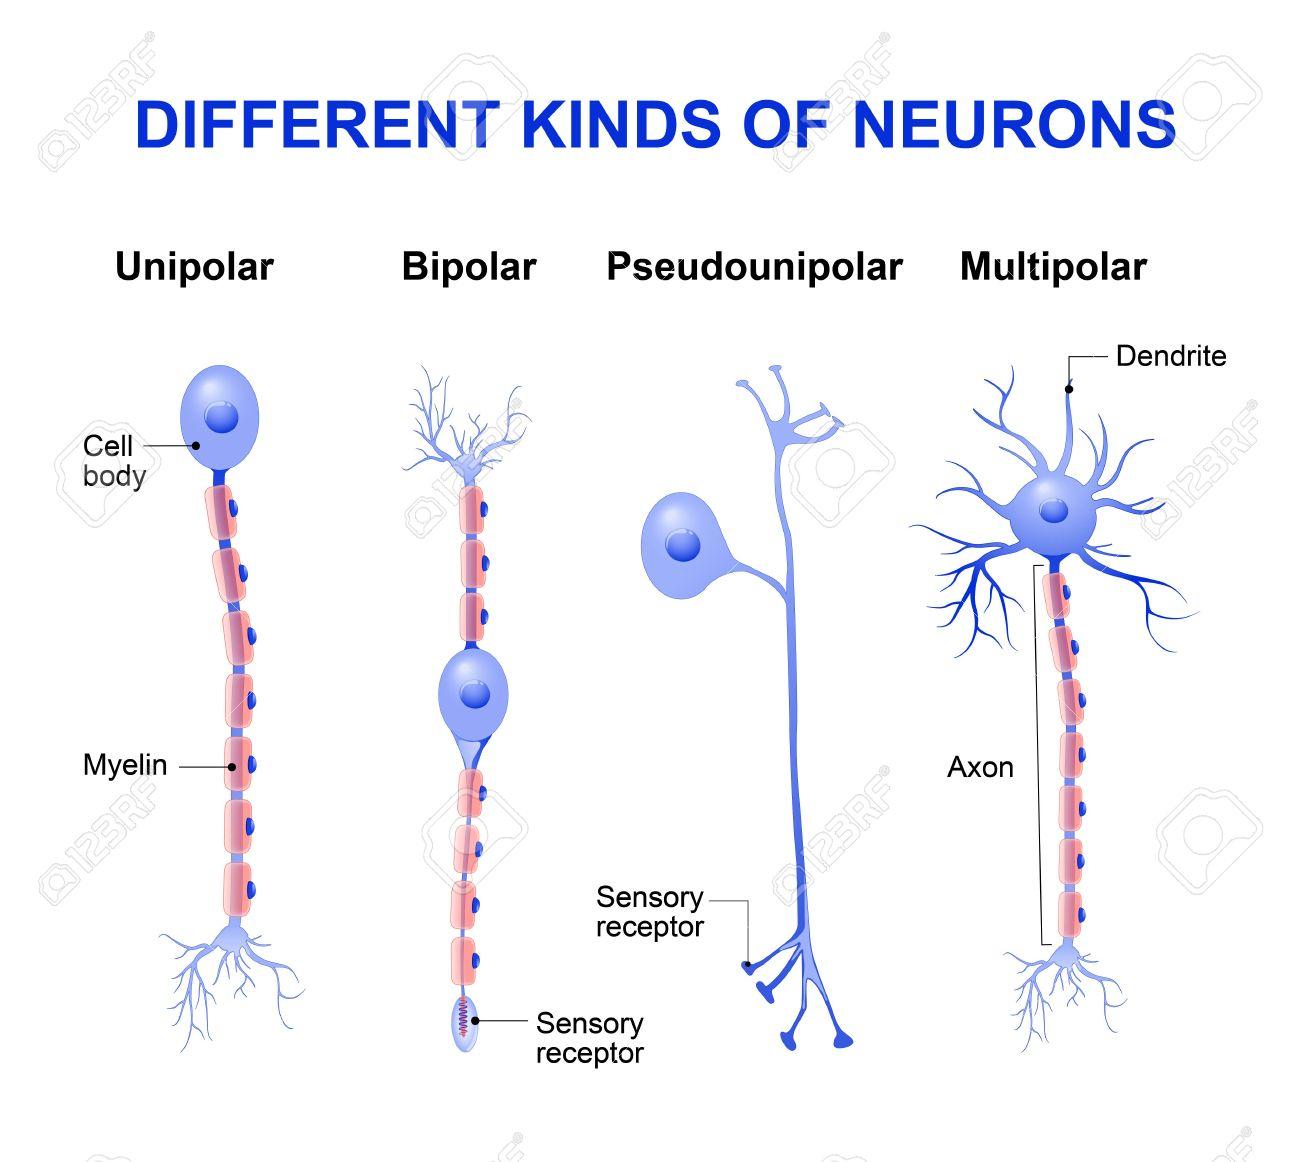 Diferentes Tipos De Neuronas Estructura De Una Neurona Típica Ilustraciones Vectoriales Clip Art Vectorizado Libre De Derechos Image 56921153